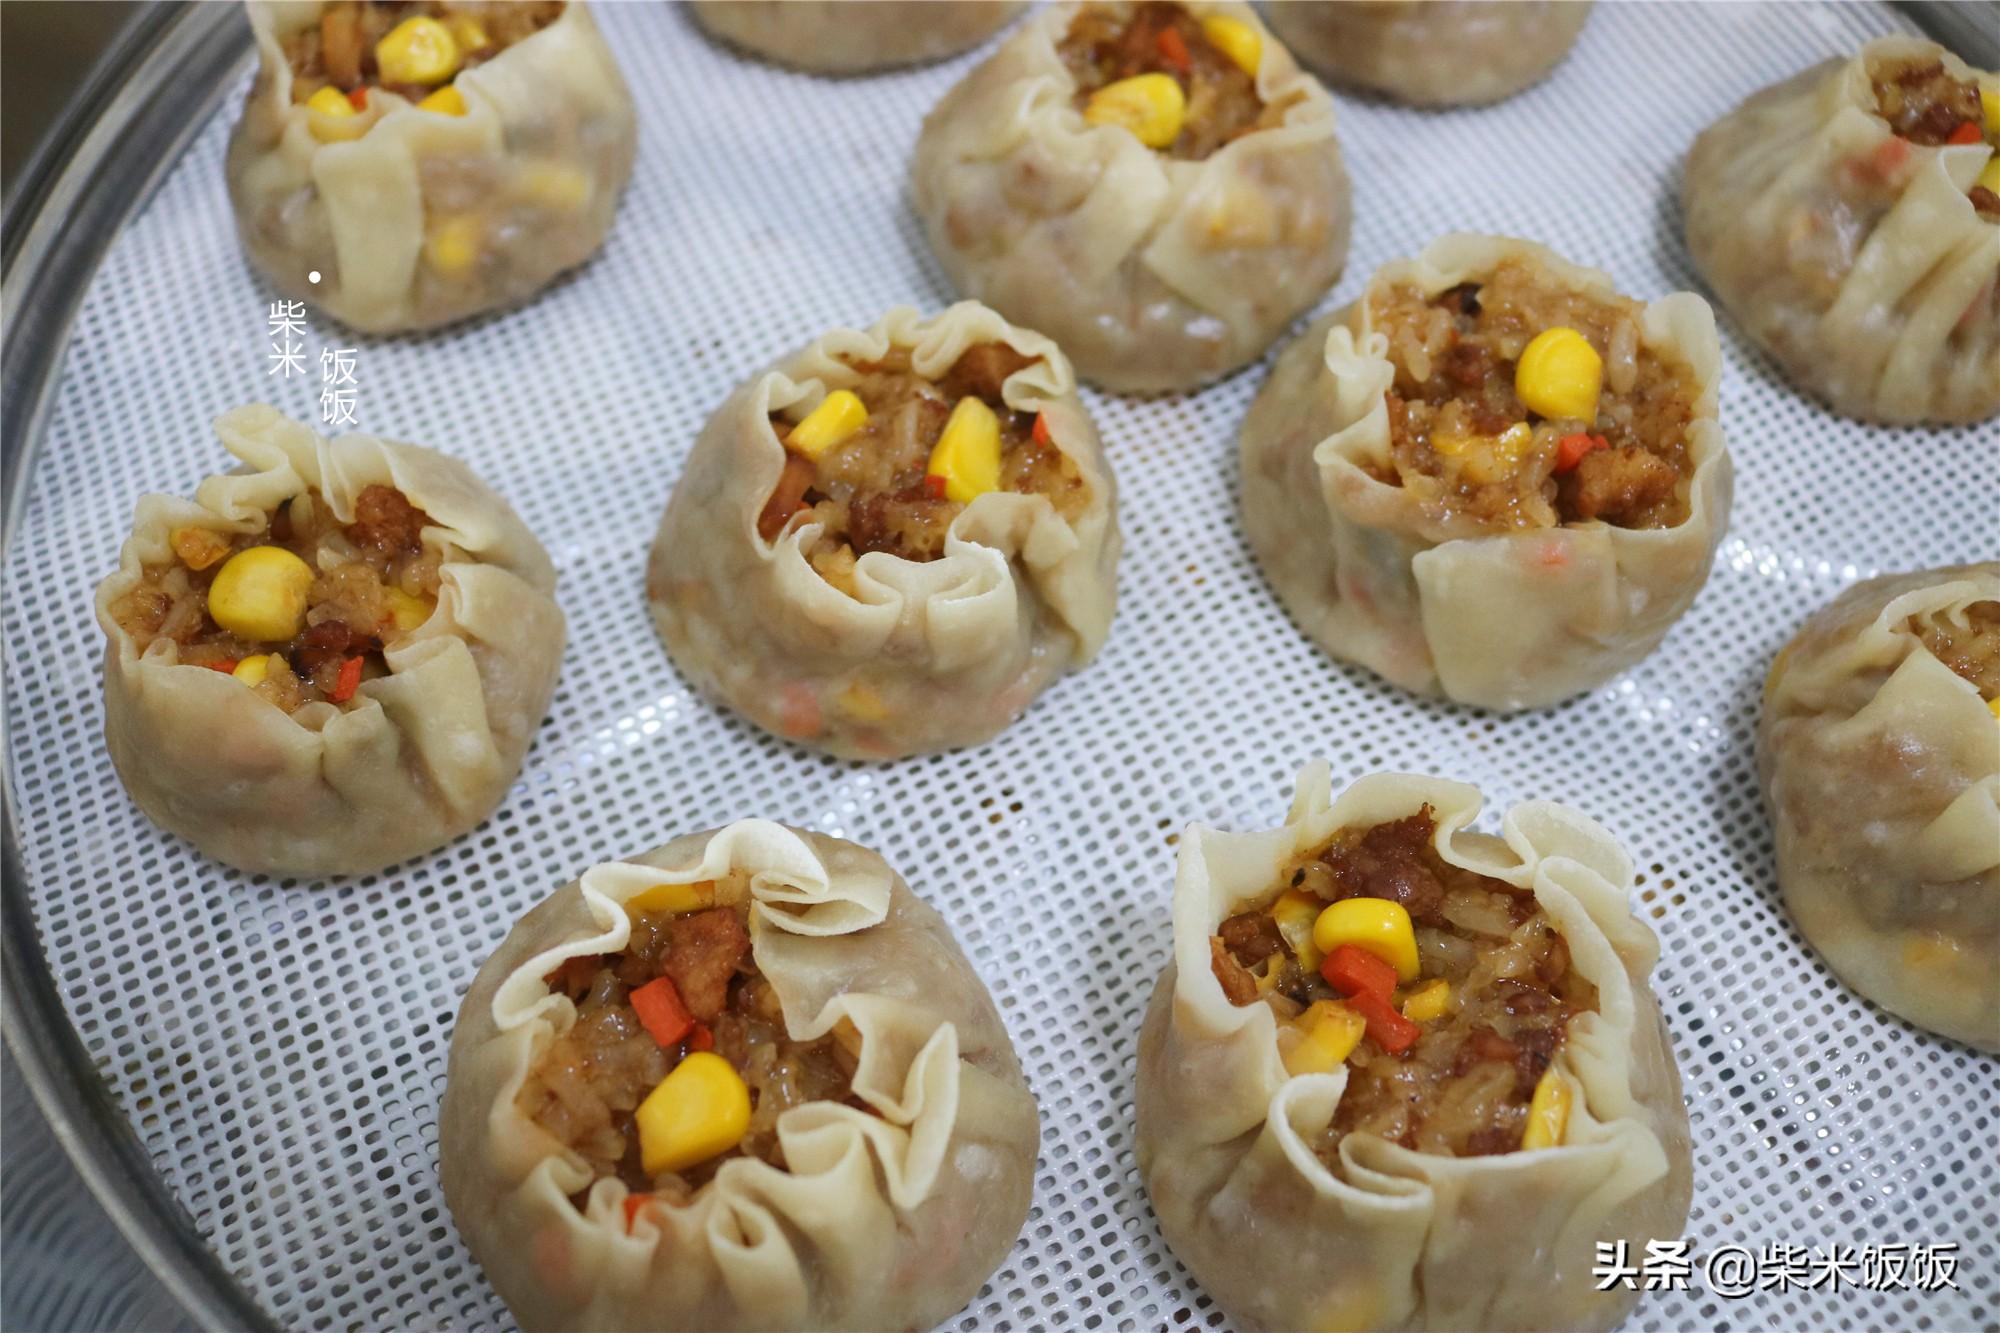 孩子点名要吃的烧麦,做法比饺子简单,一锅蒸33个,凉了也好吃 美食做法 第15张